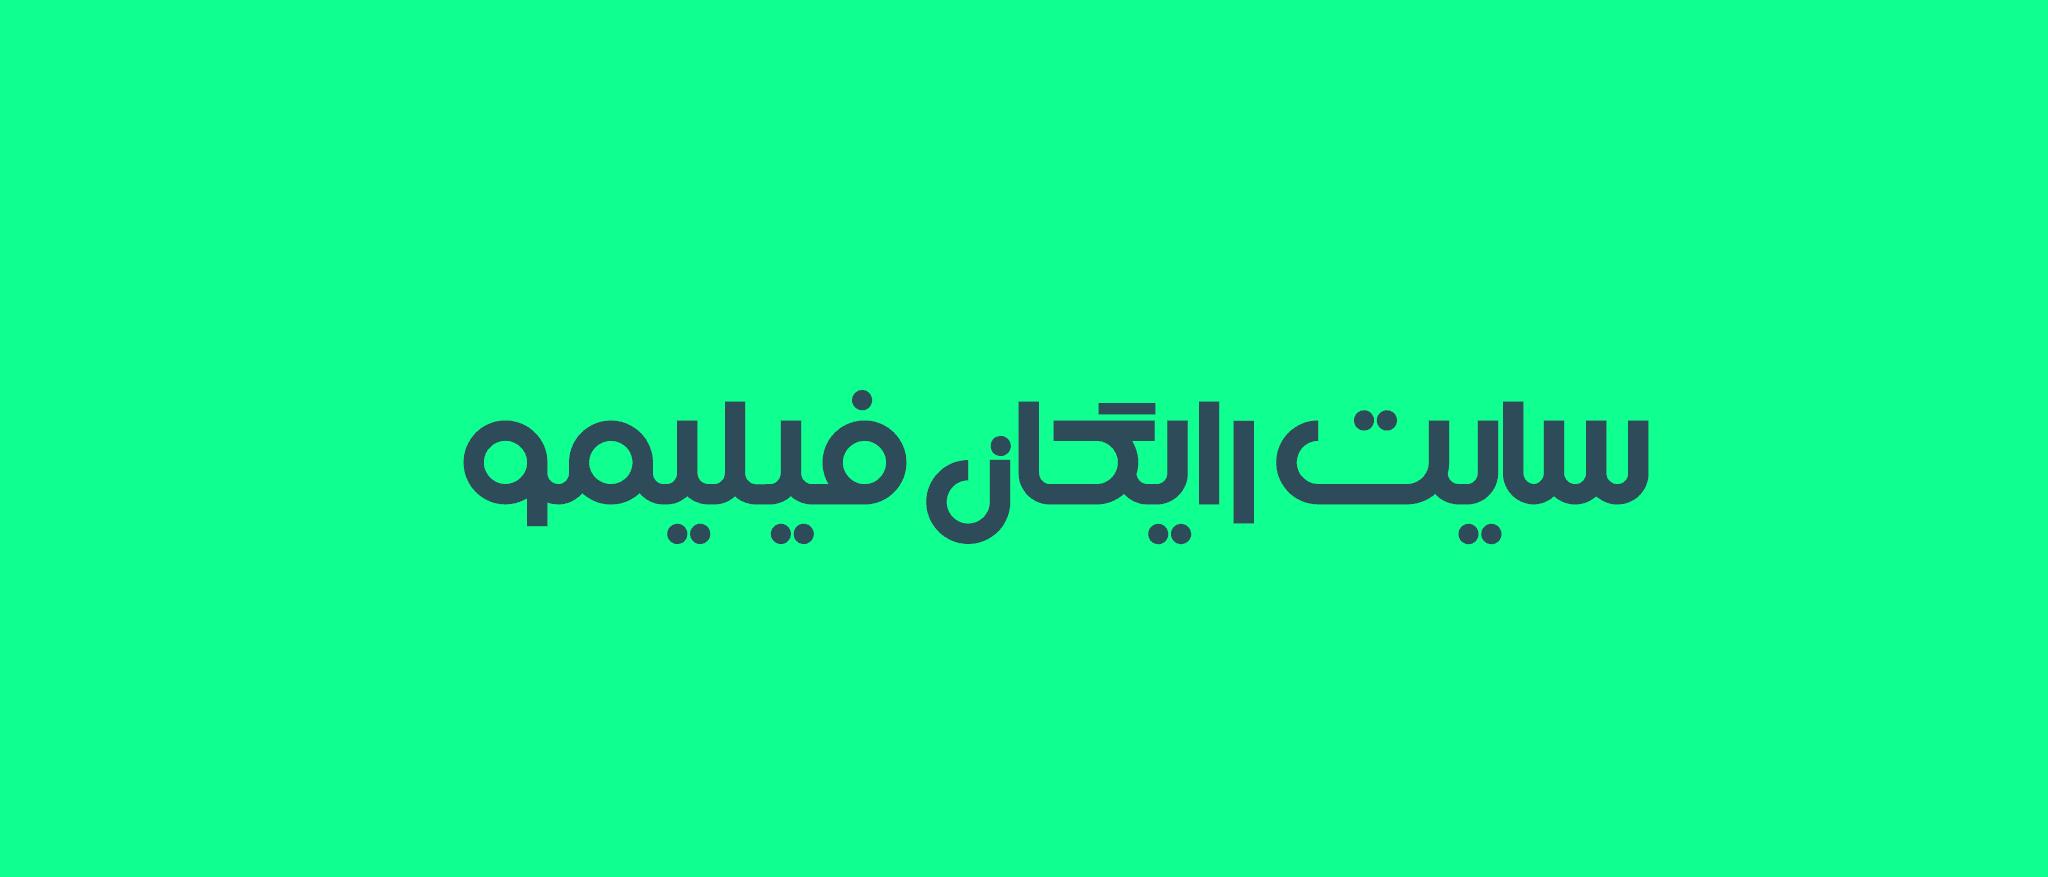 فونت فارسی نسیم